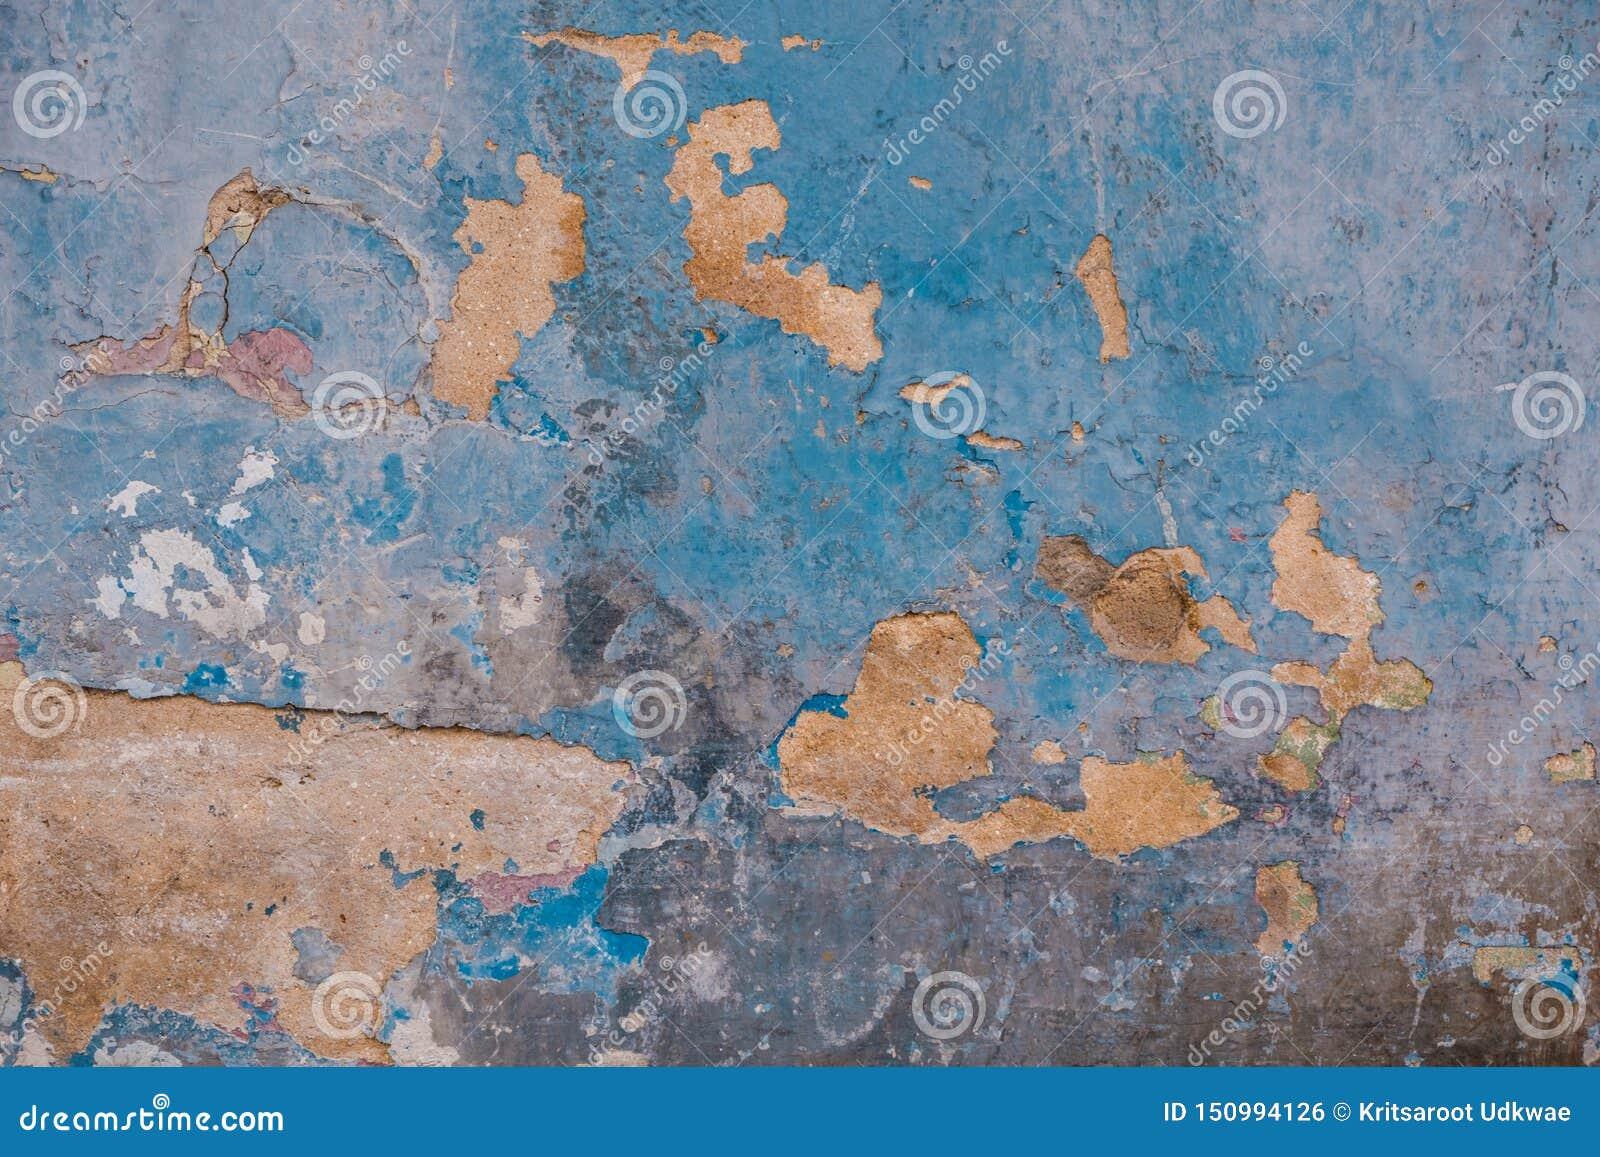 Vieux et sale fond de texture de mur de ciment